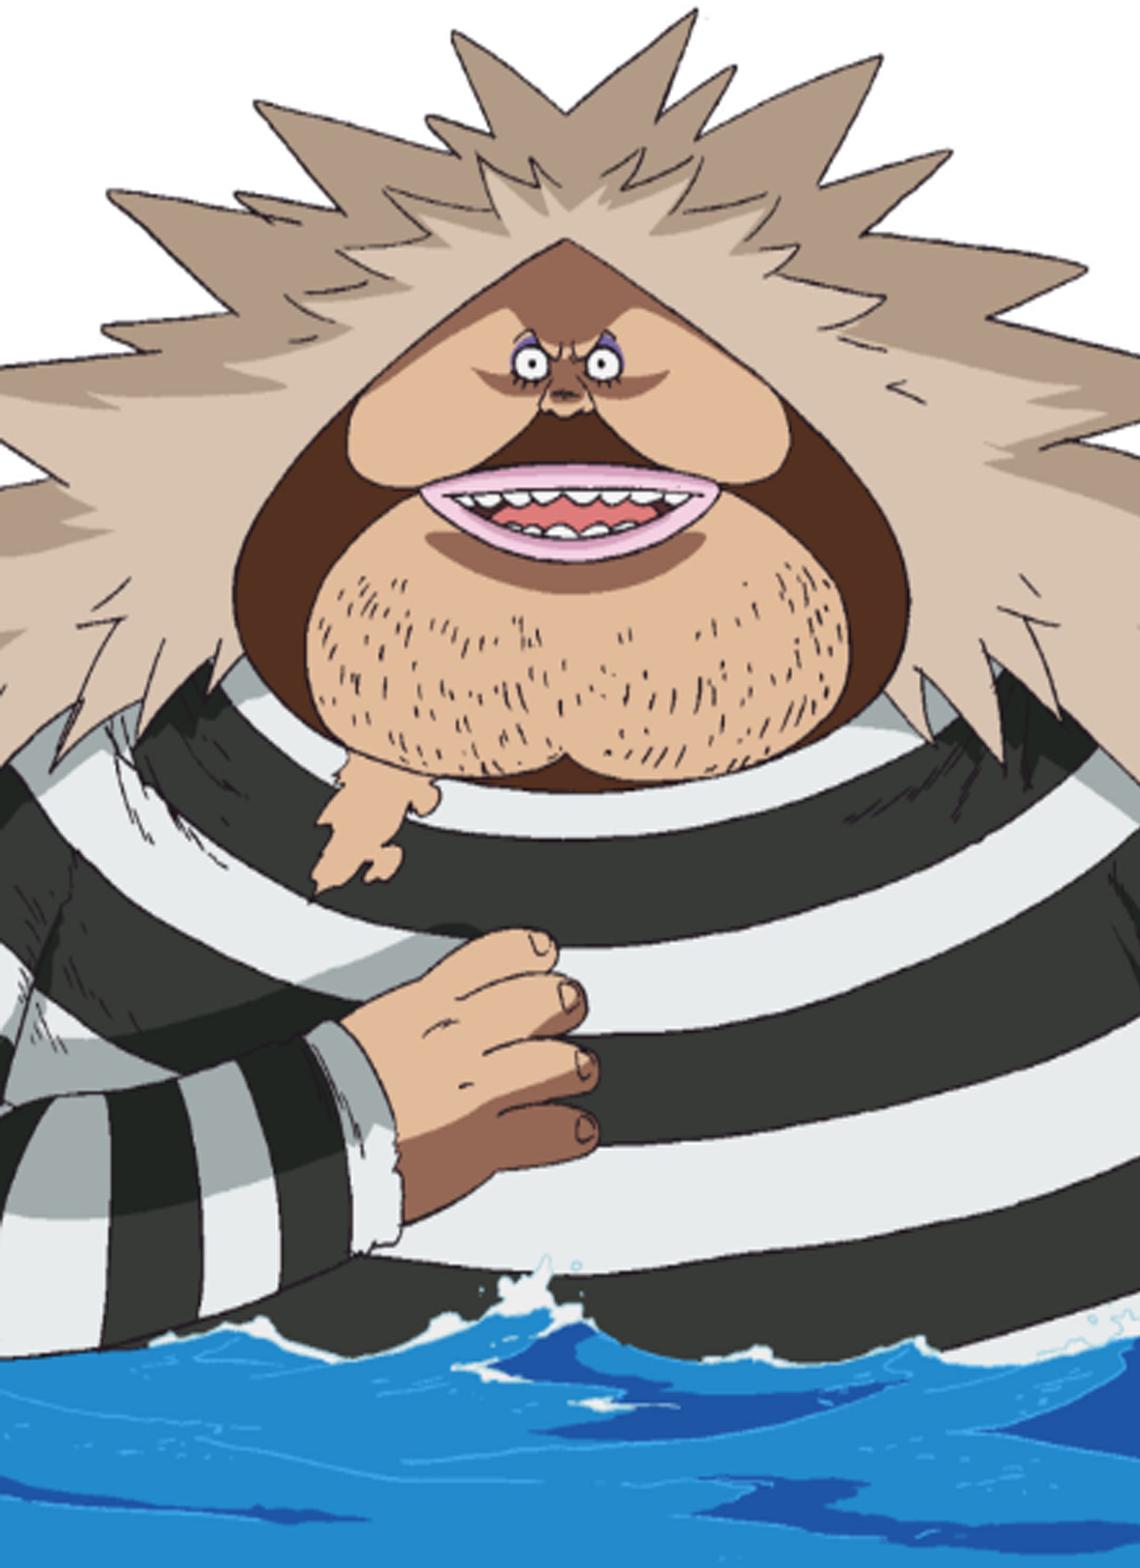 【心得】聖胡安.惡狼不為人知的悲慘過去?! @航海王 One Piece(海賊王) 哈啦板 - 巴哈姆特